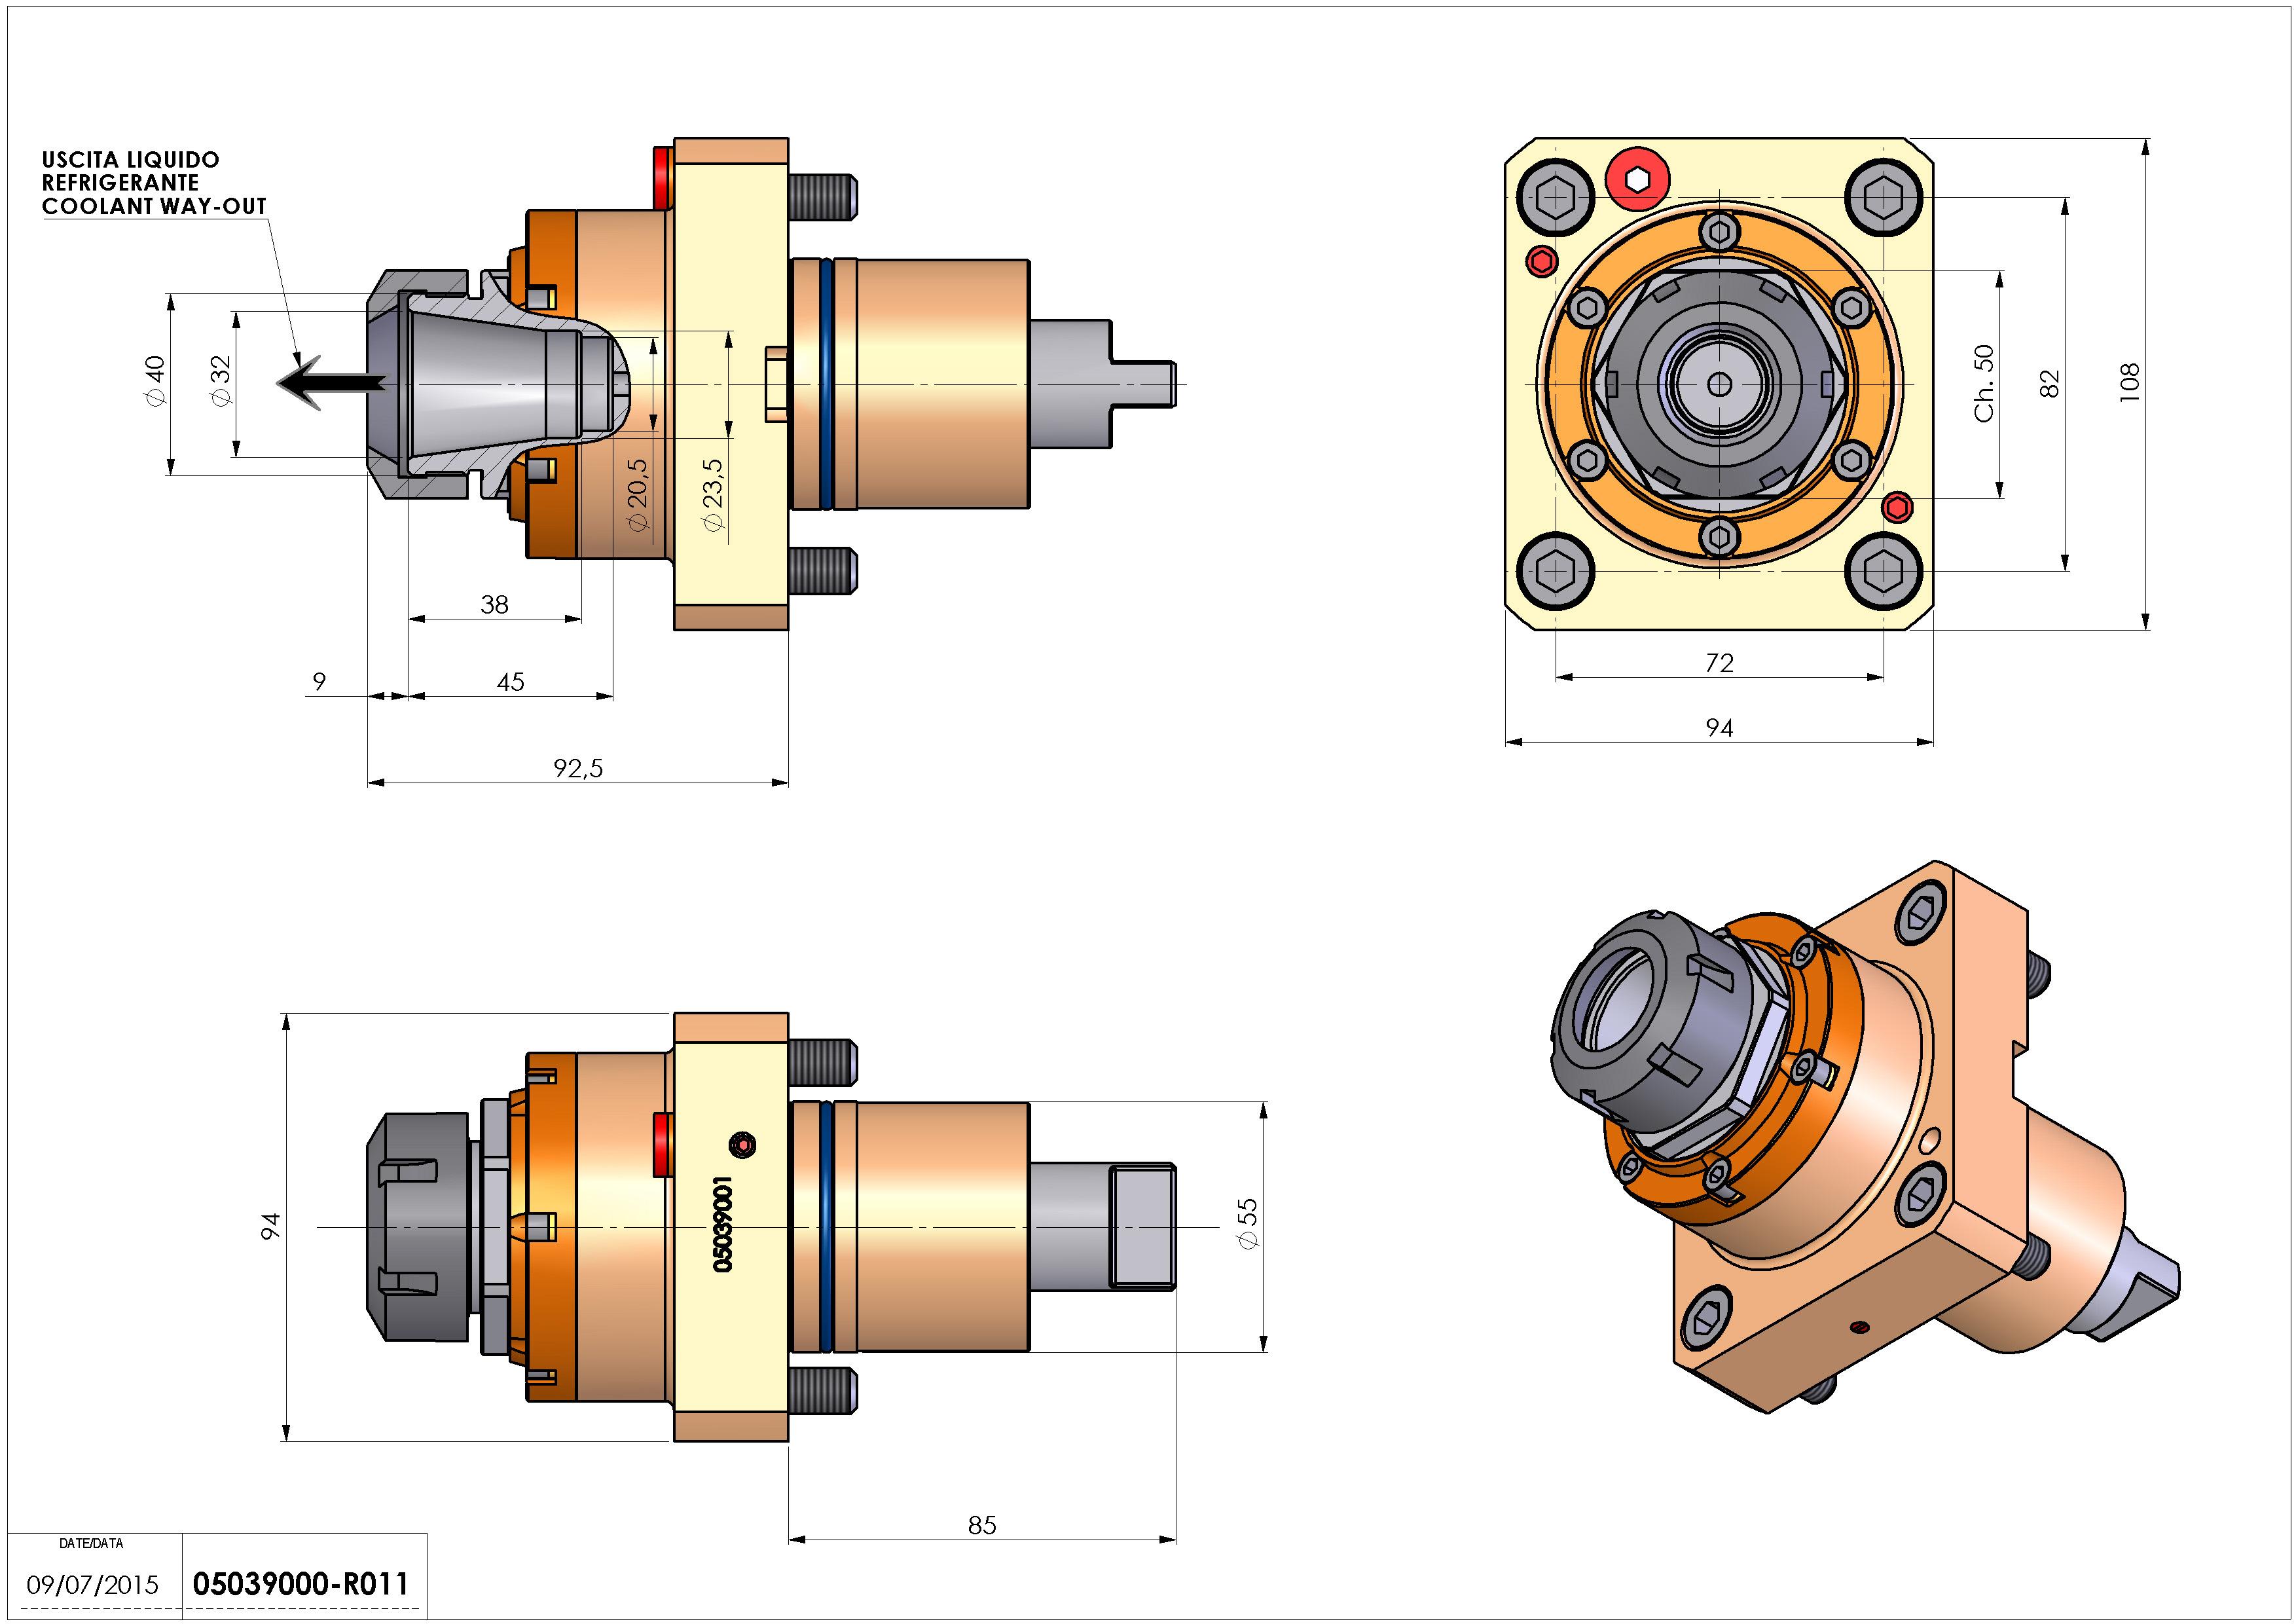 Technical image - LT-S D55 ER32 RF H93.